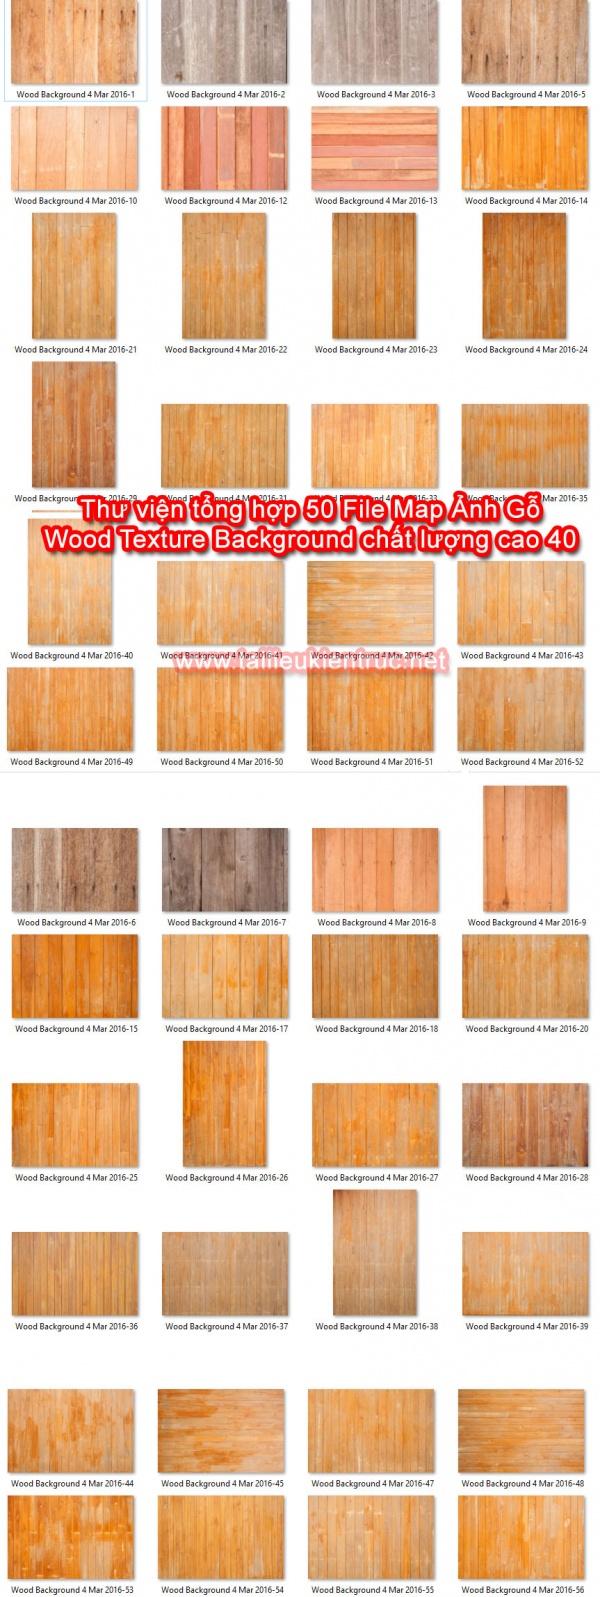 Thư viện tổng hợp 50 File Map Ảnh Gỗ Wood Texture Background chất lượng cao 40